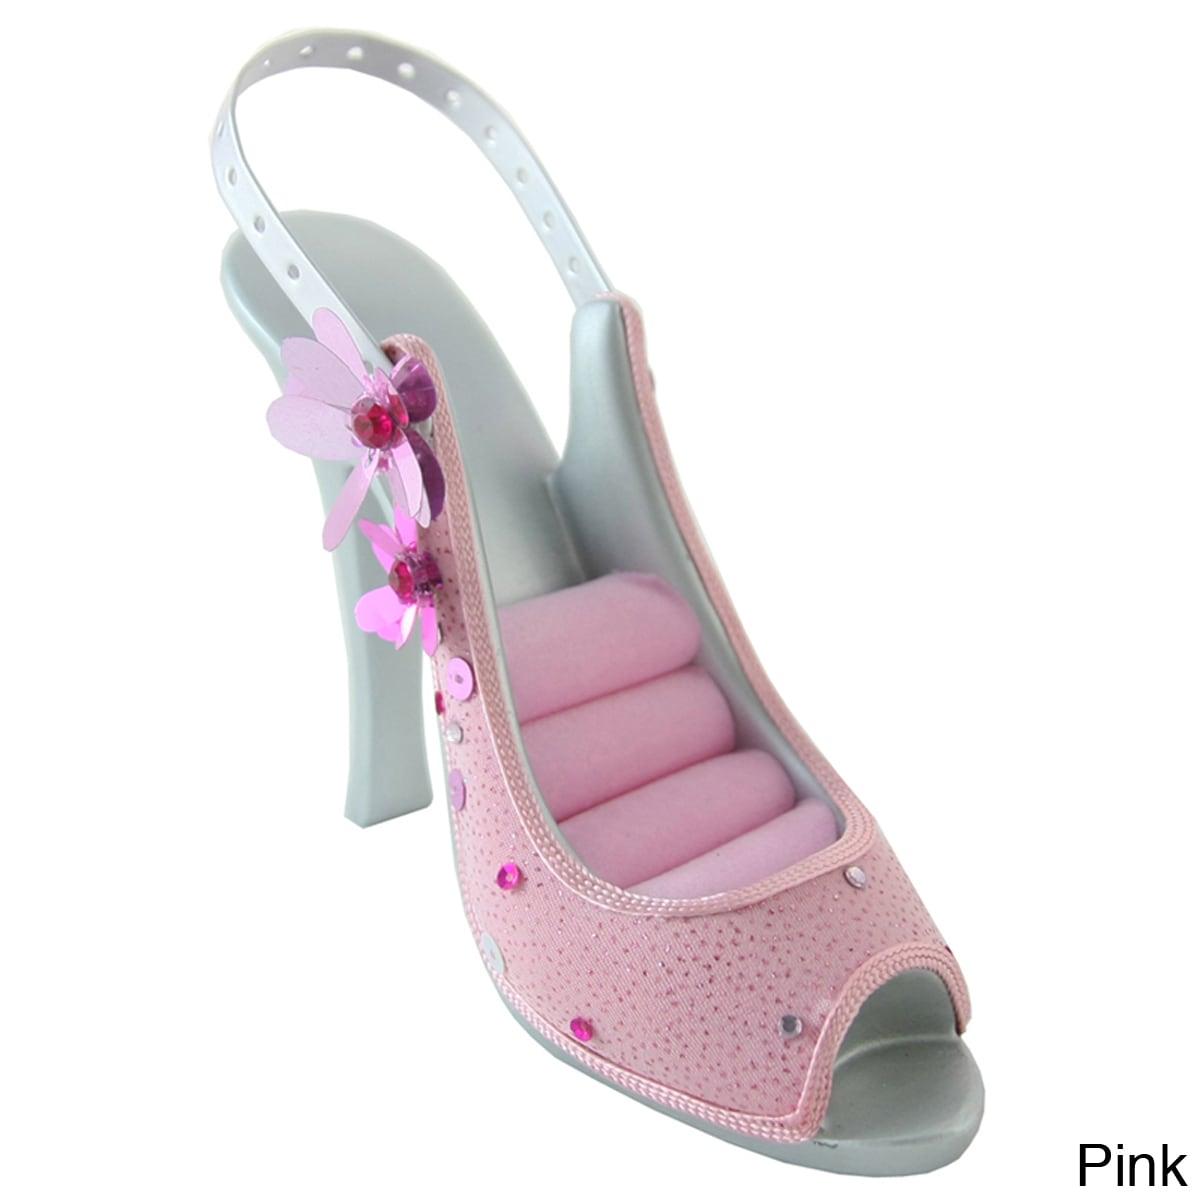 Jacki Design Sequined Flower Shoe Ring Earring Holder Overstock 7599703